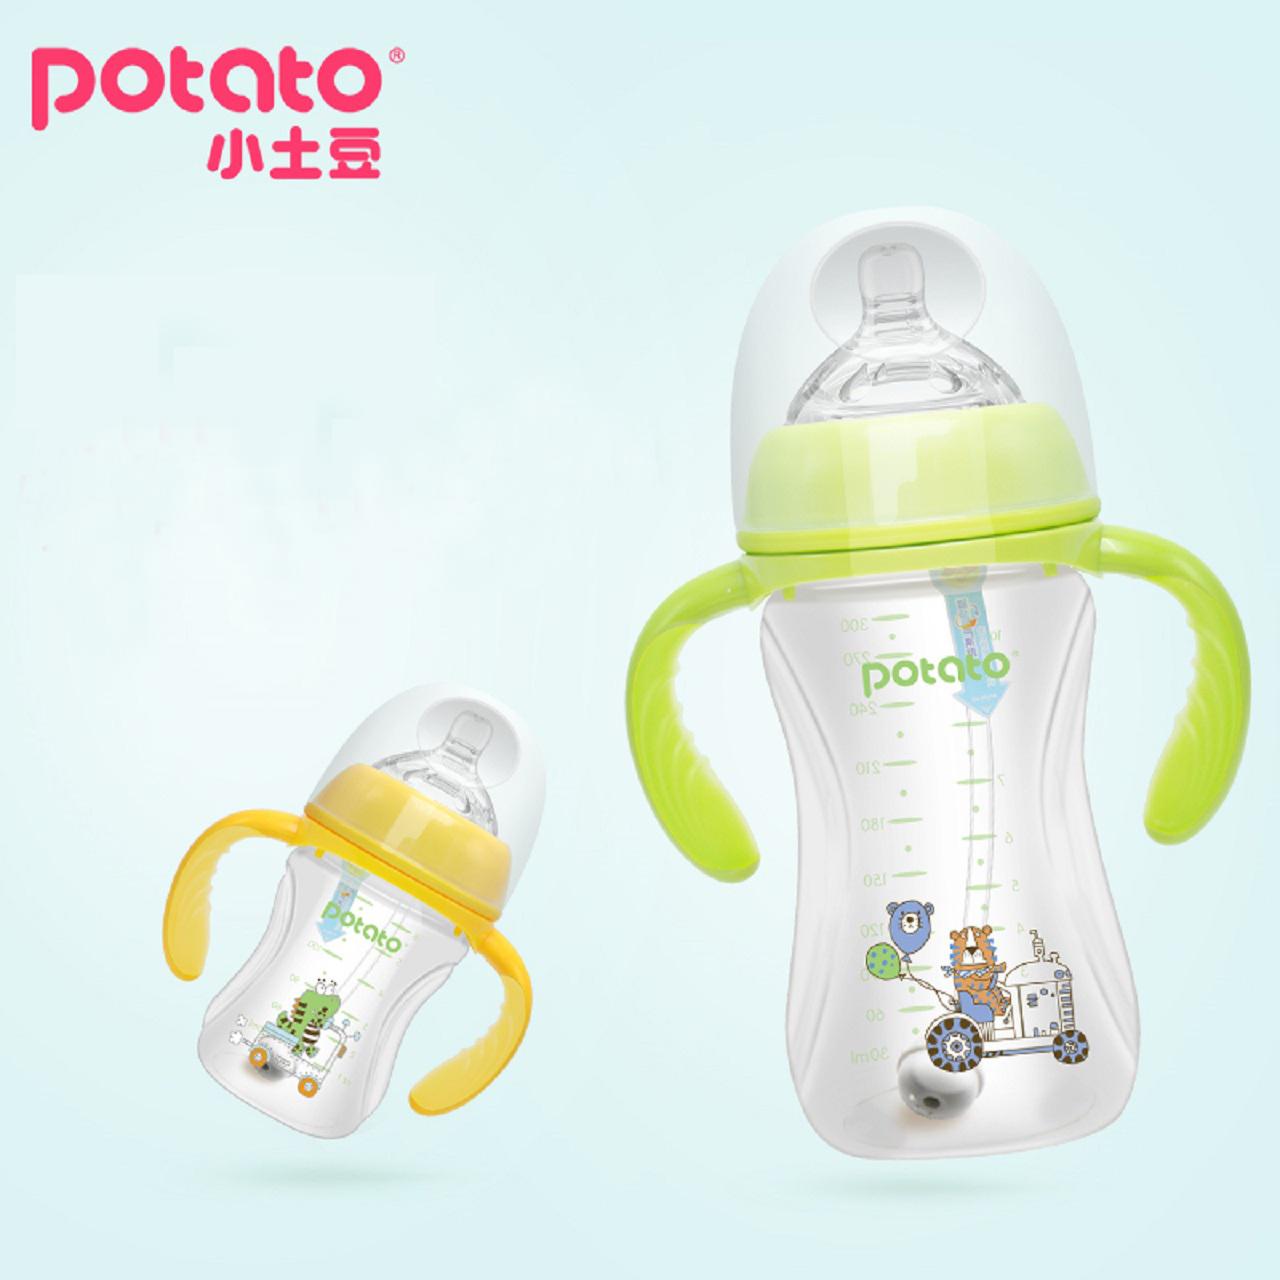 小土豆婴儿宽口径PP奶瓶防摔防胀气新生儿奶瓶带手柄吸管宝宝奶瓶